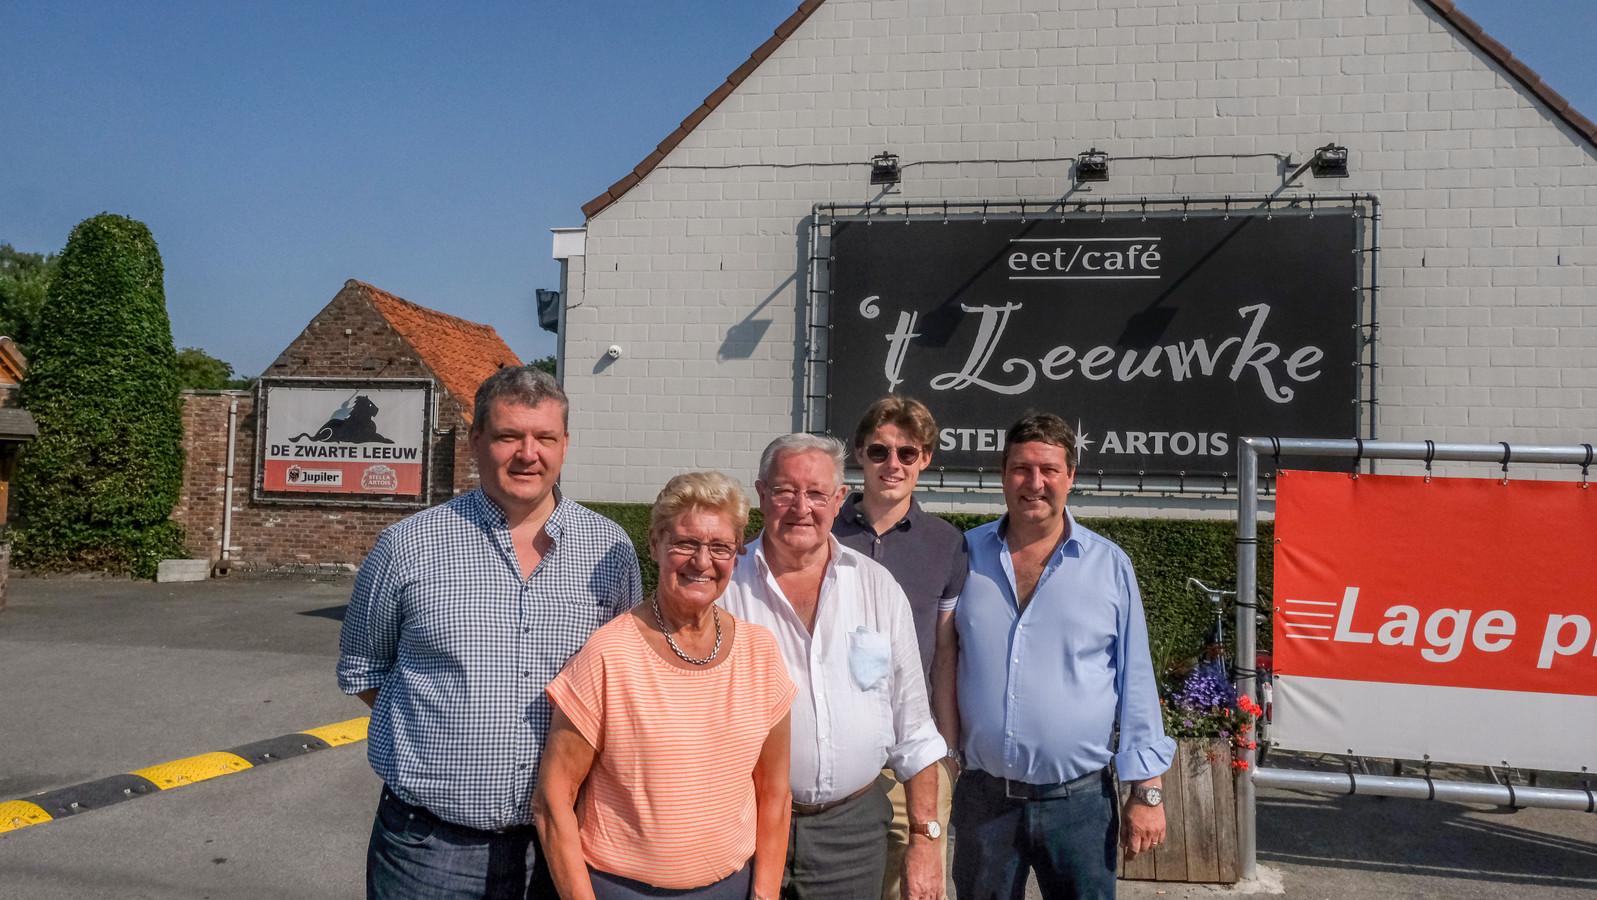 Vier generaties van café 't Leeuwke. Van links naar rechts: Wim Depoortere, Rosanne Gheeraert (73), Marnik Depoortere, Arthur Depoortere en Kurt Depoortere.